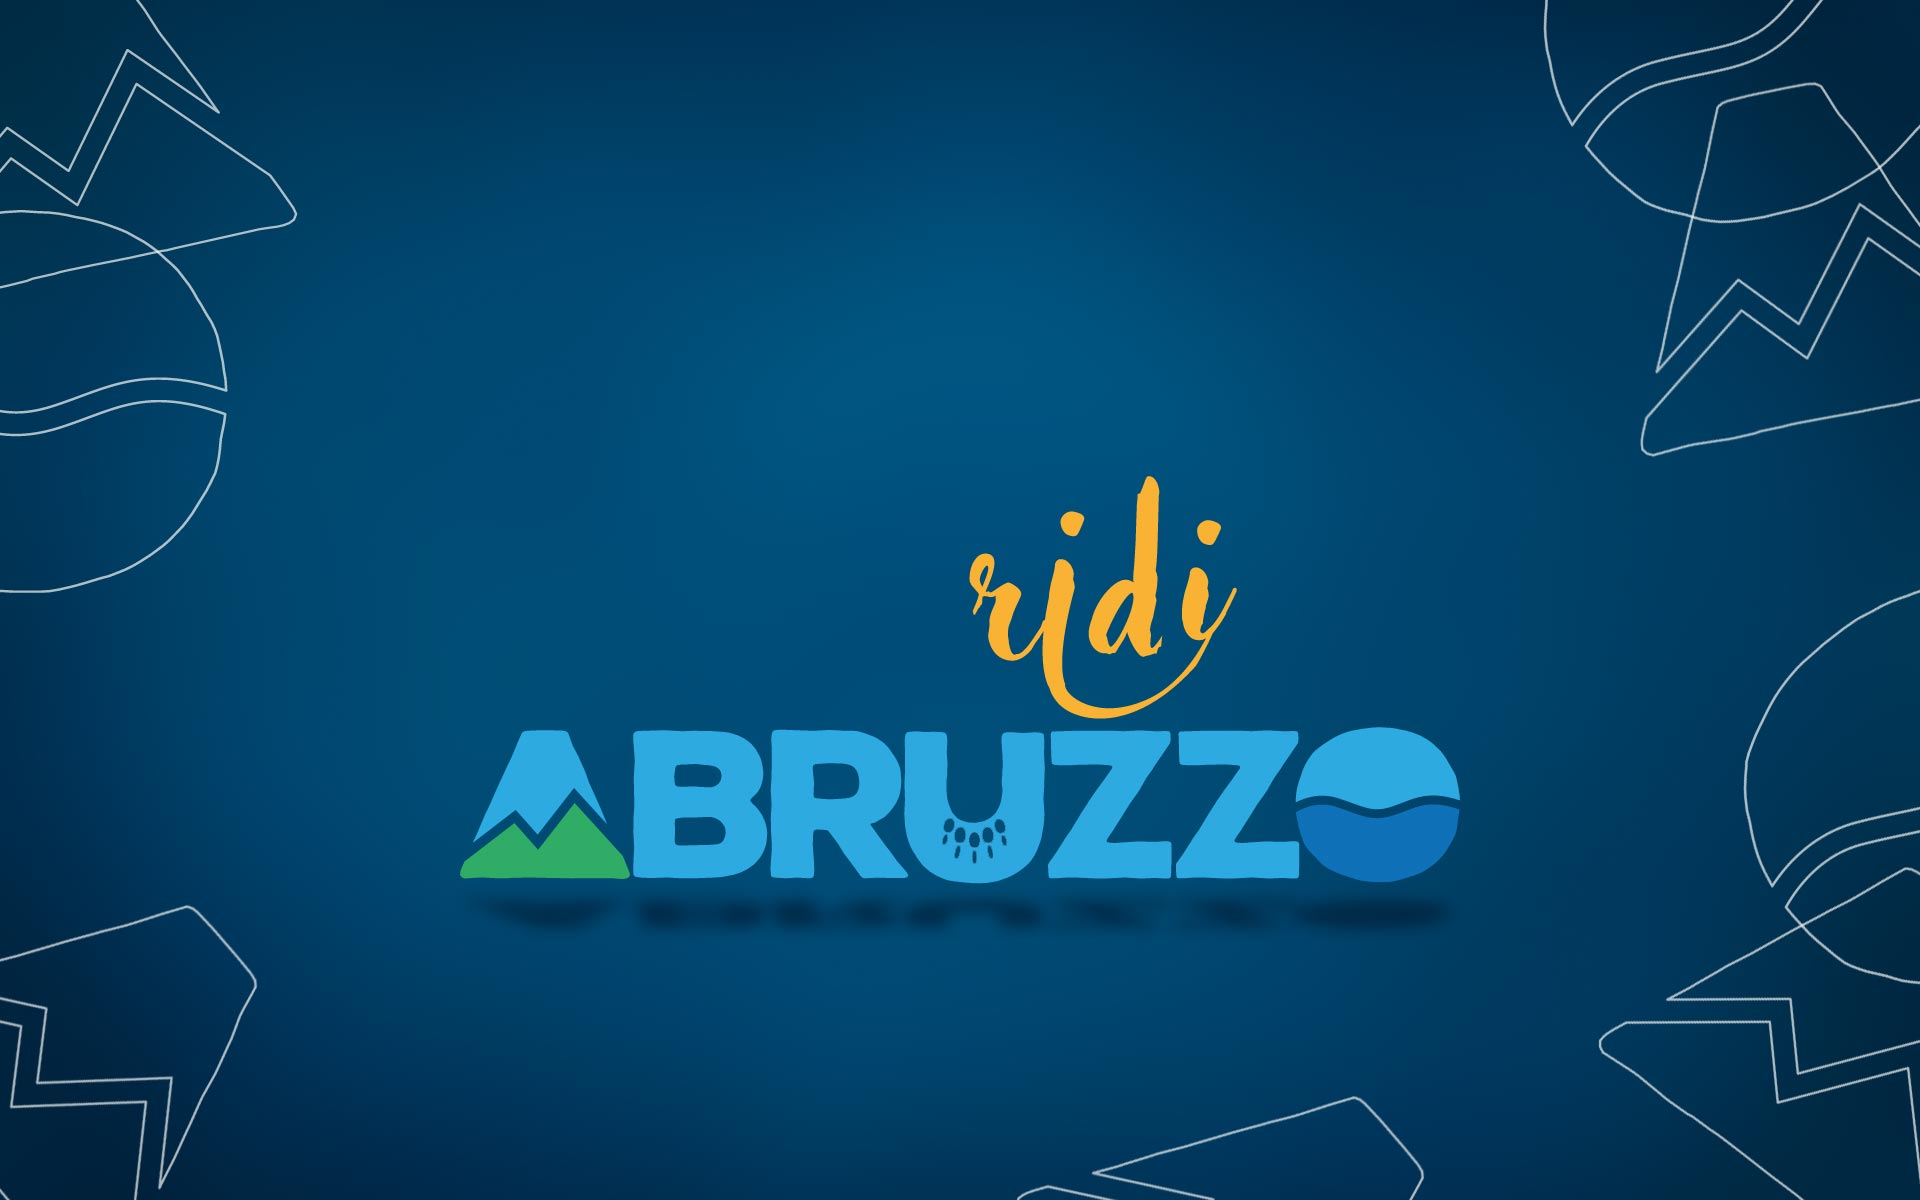 header_logo_ridi_abruzzo